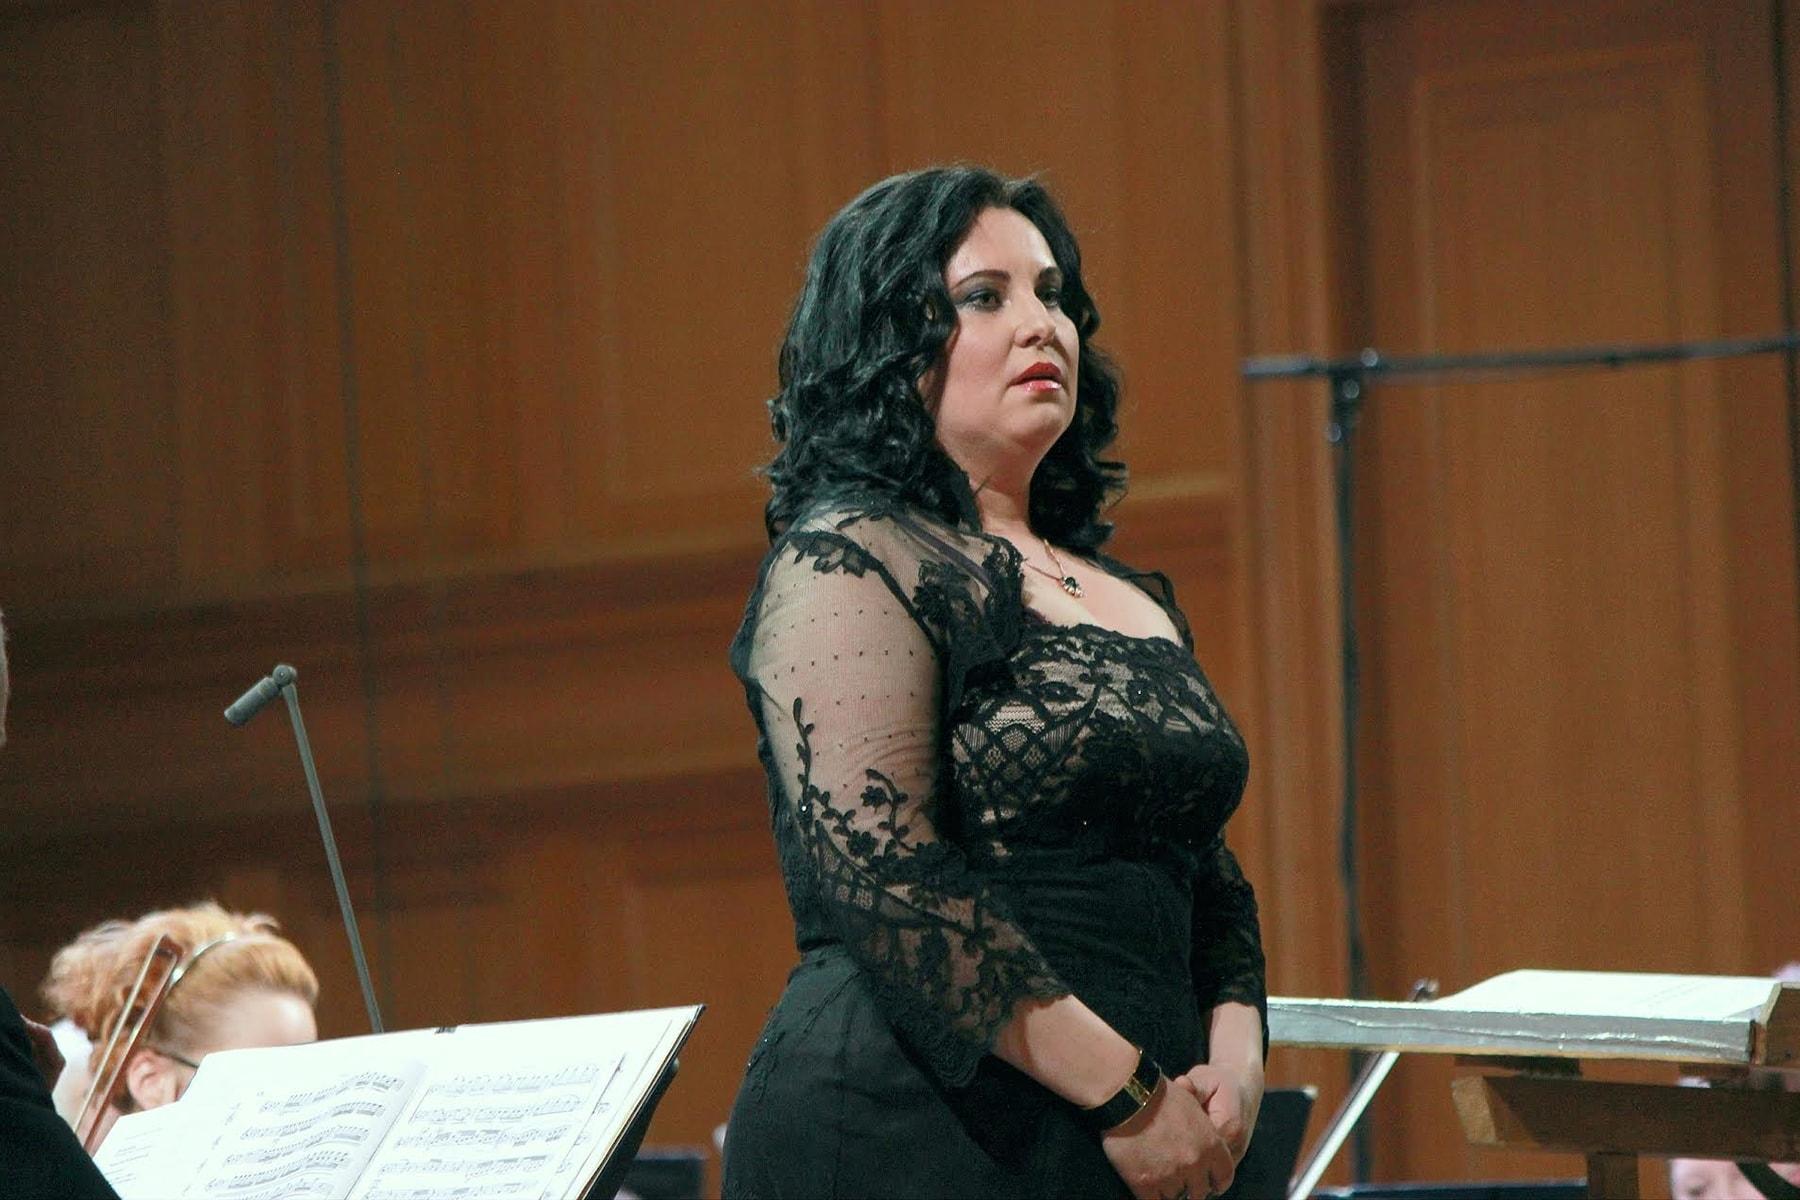 Знаменитые российские оперные певицы фото 61-648